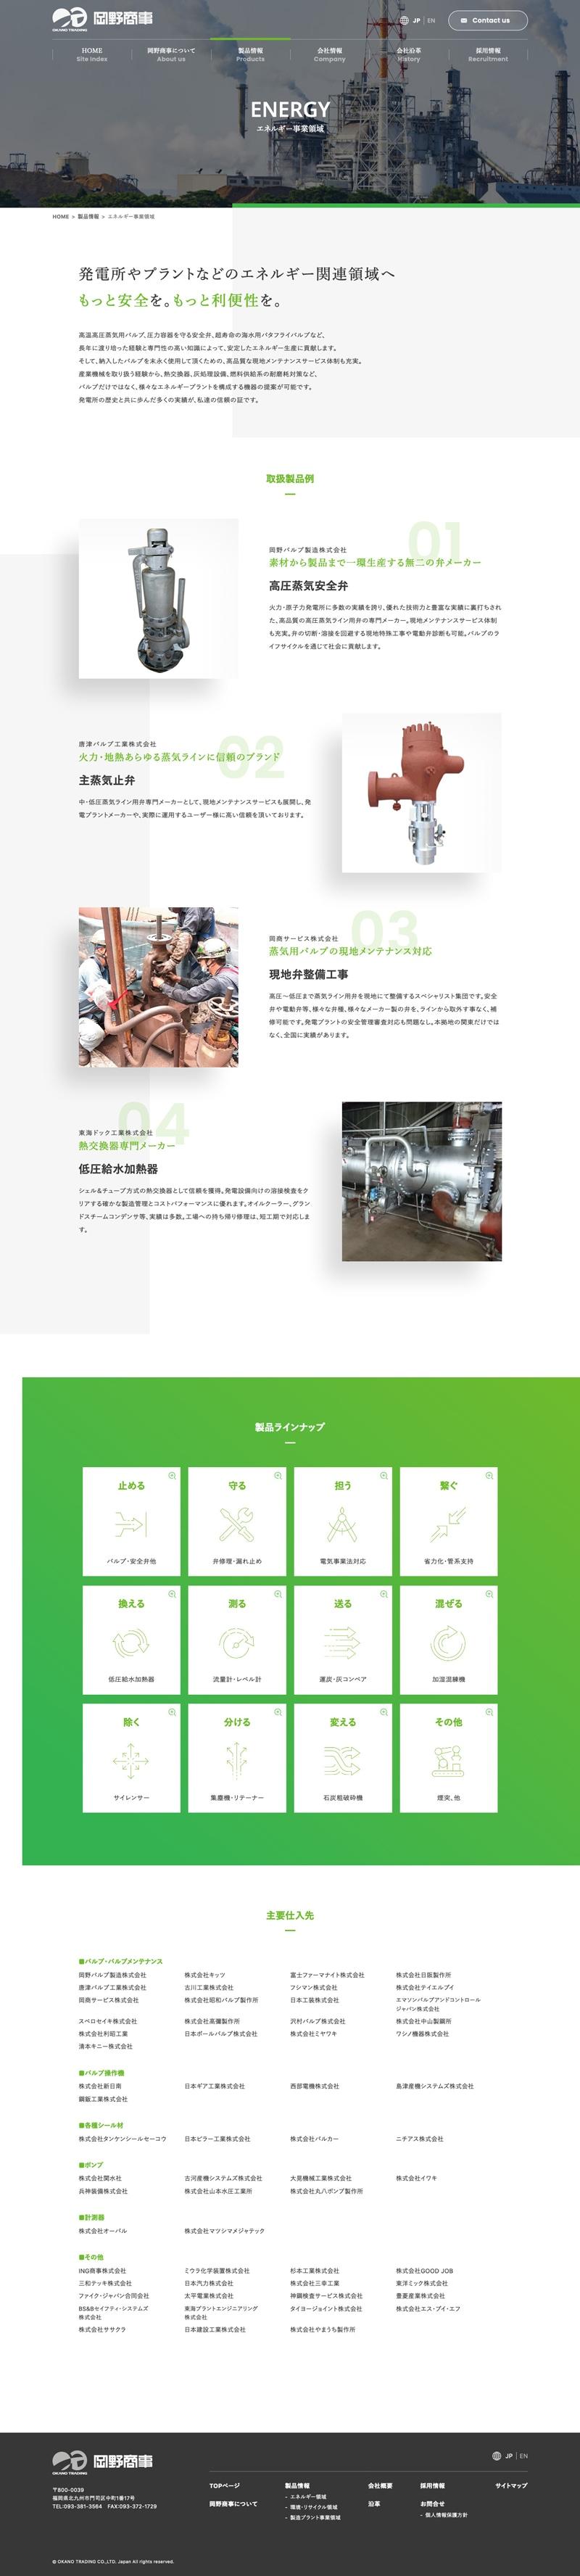 同サイト|製品情報「エネルギー事業領域」